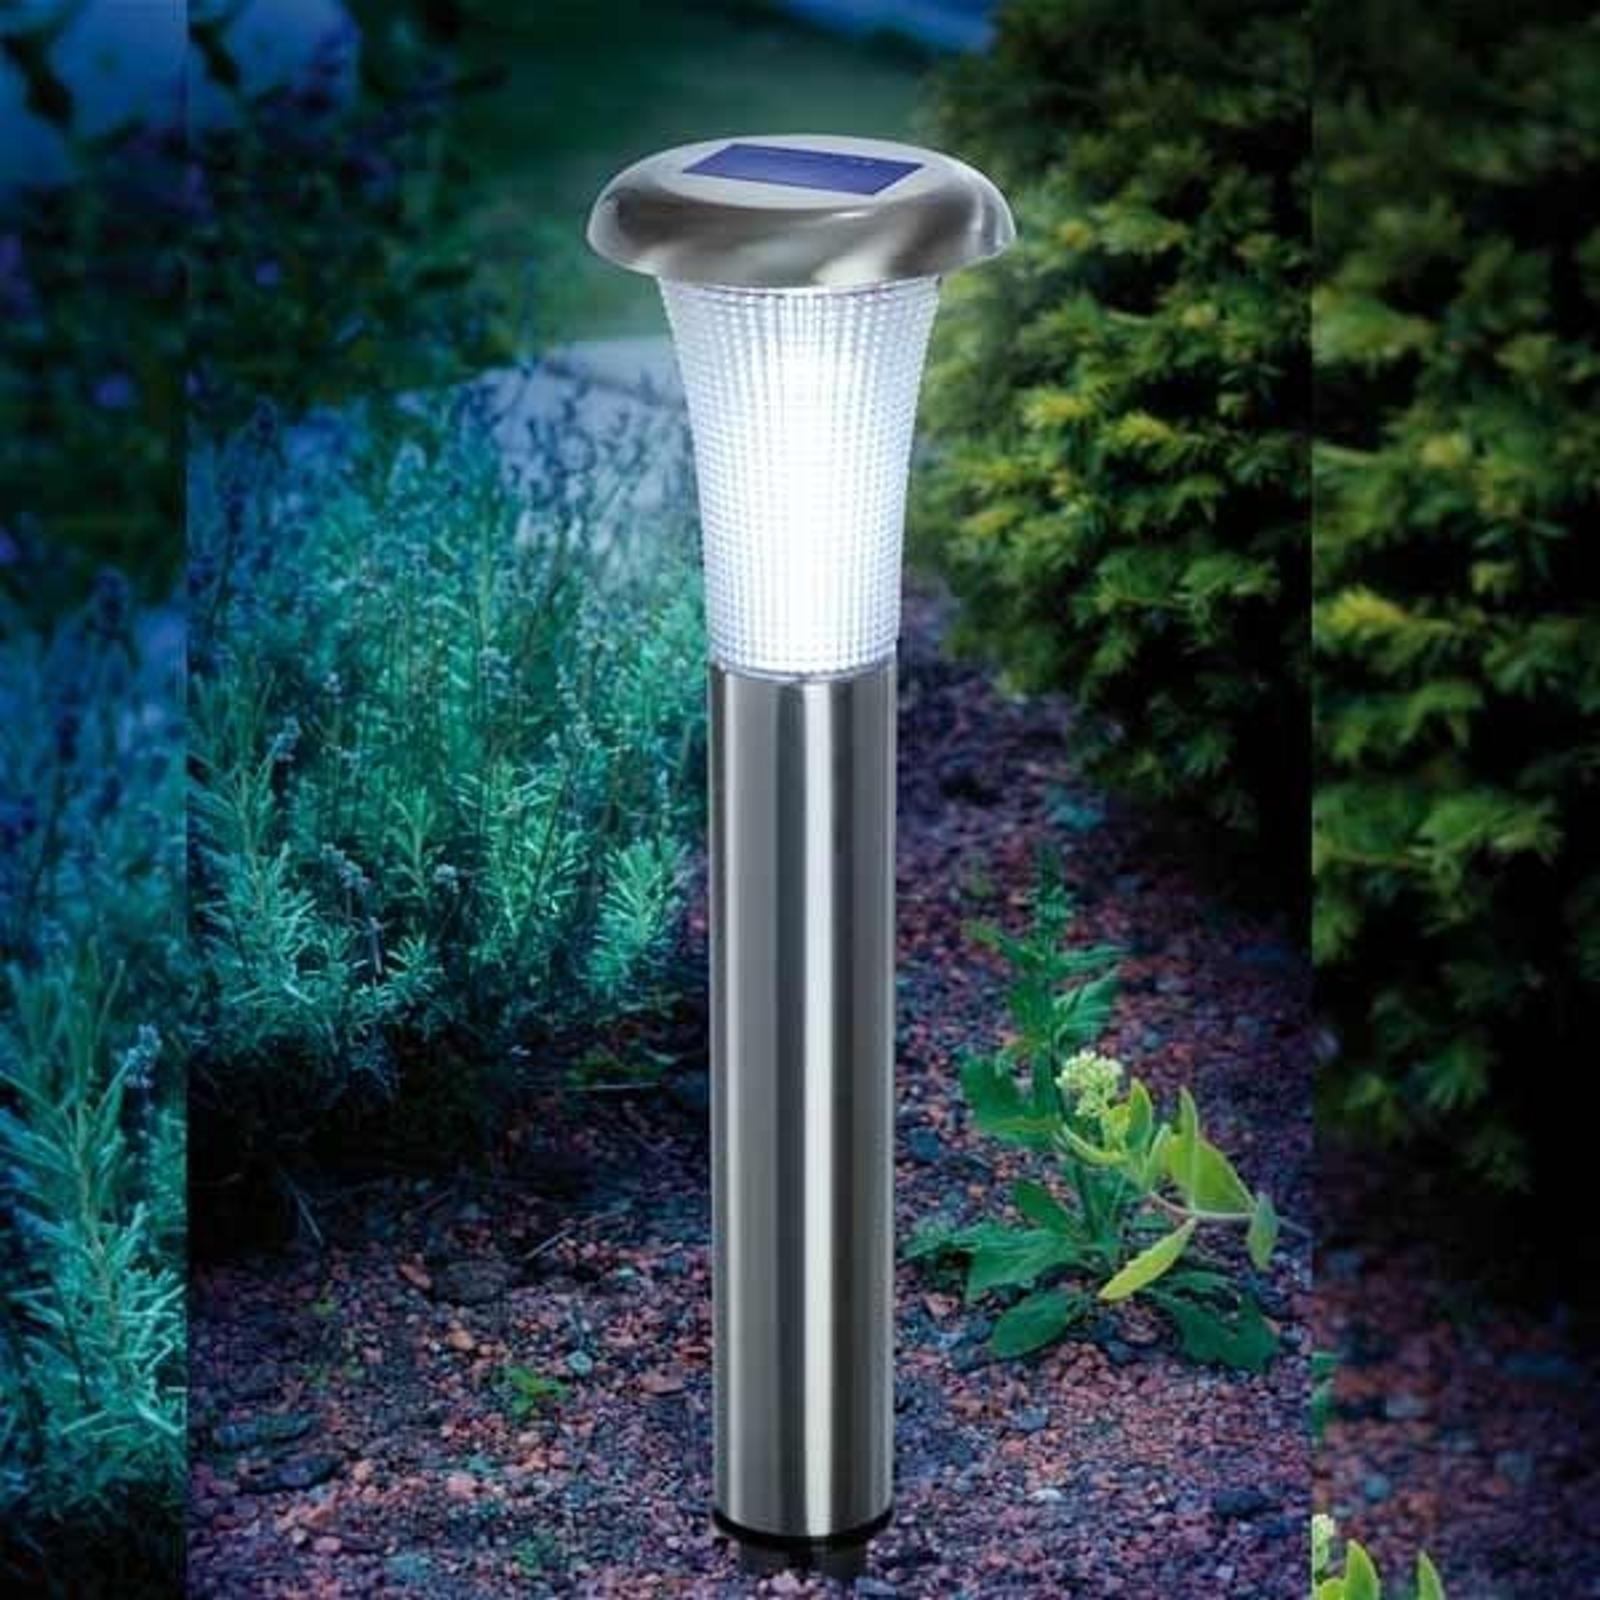 Vesuv solcellelampe i rustfritt stål